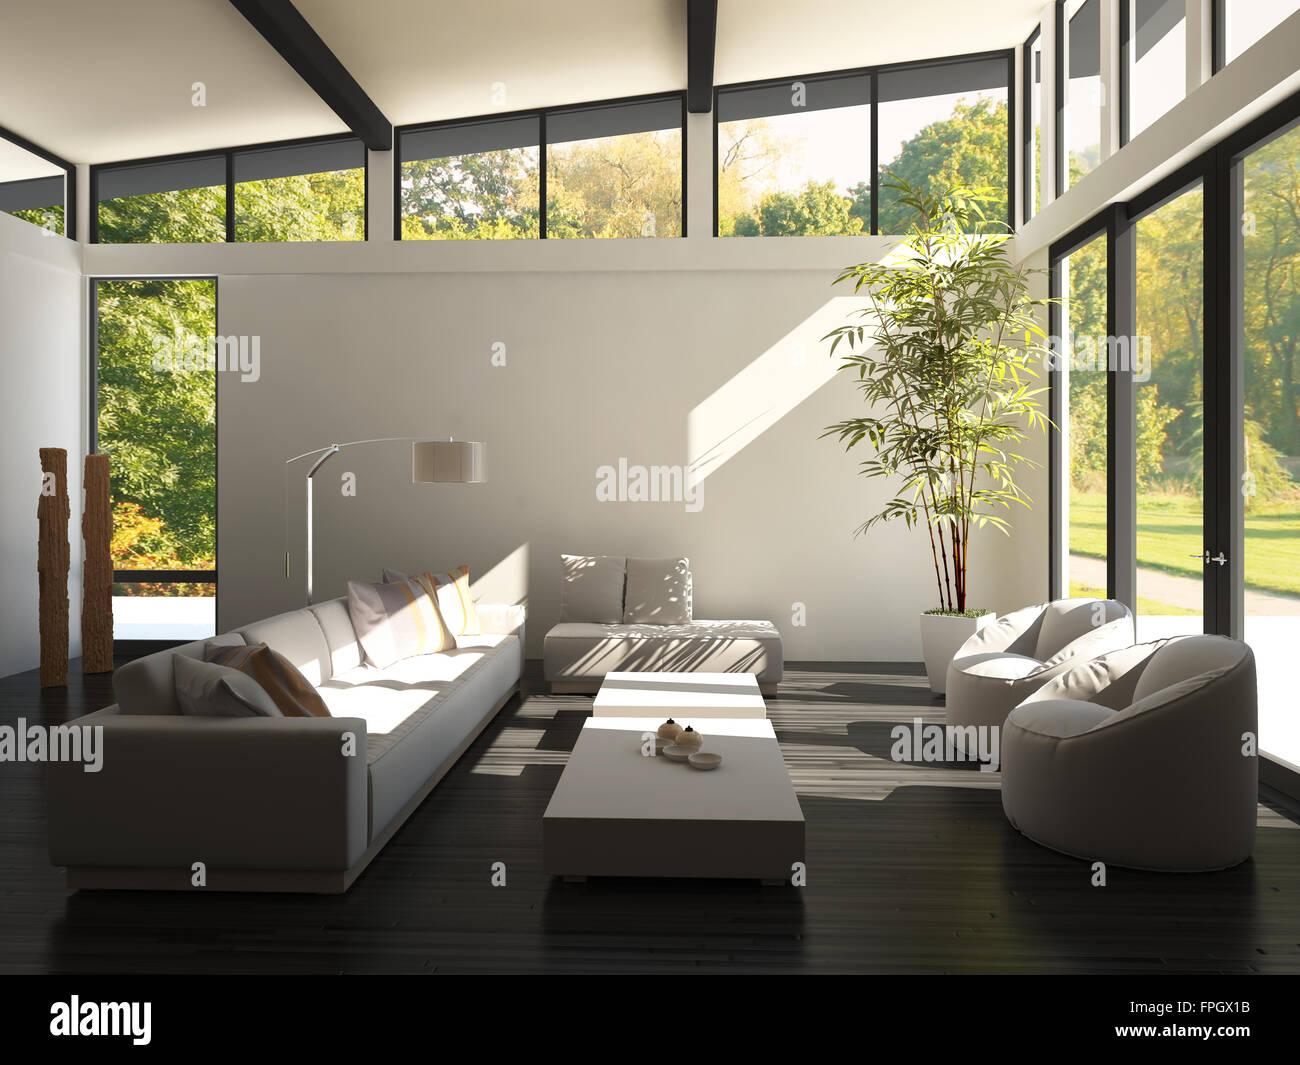 Moderne Wohnzimmer Innendesign mit schwarzem Boden und riesige ...